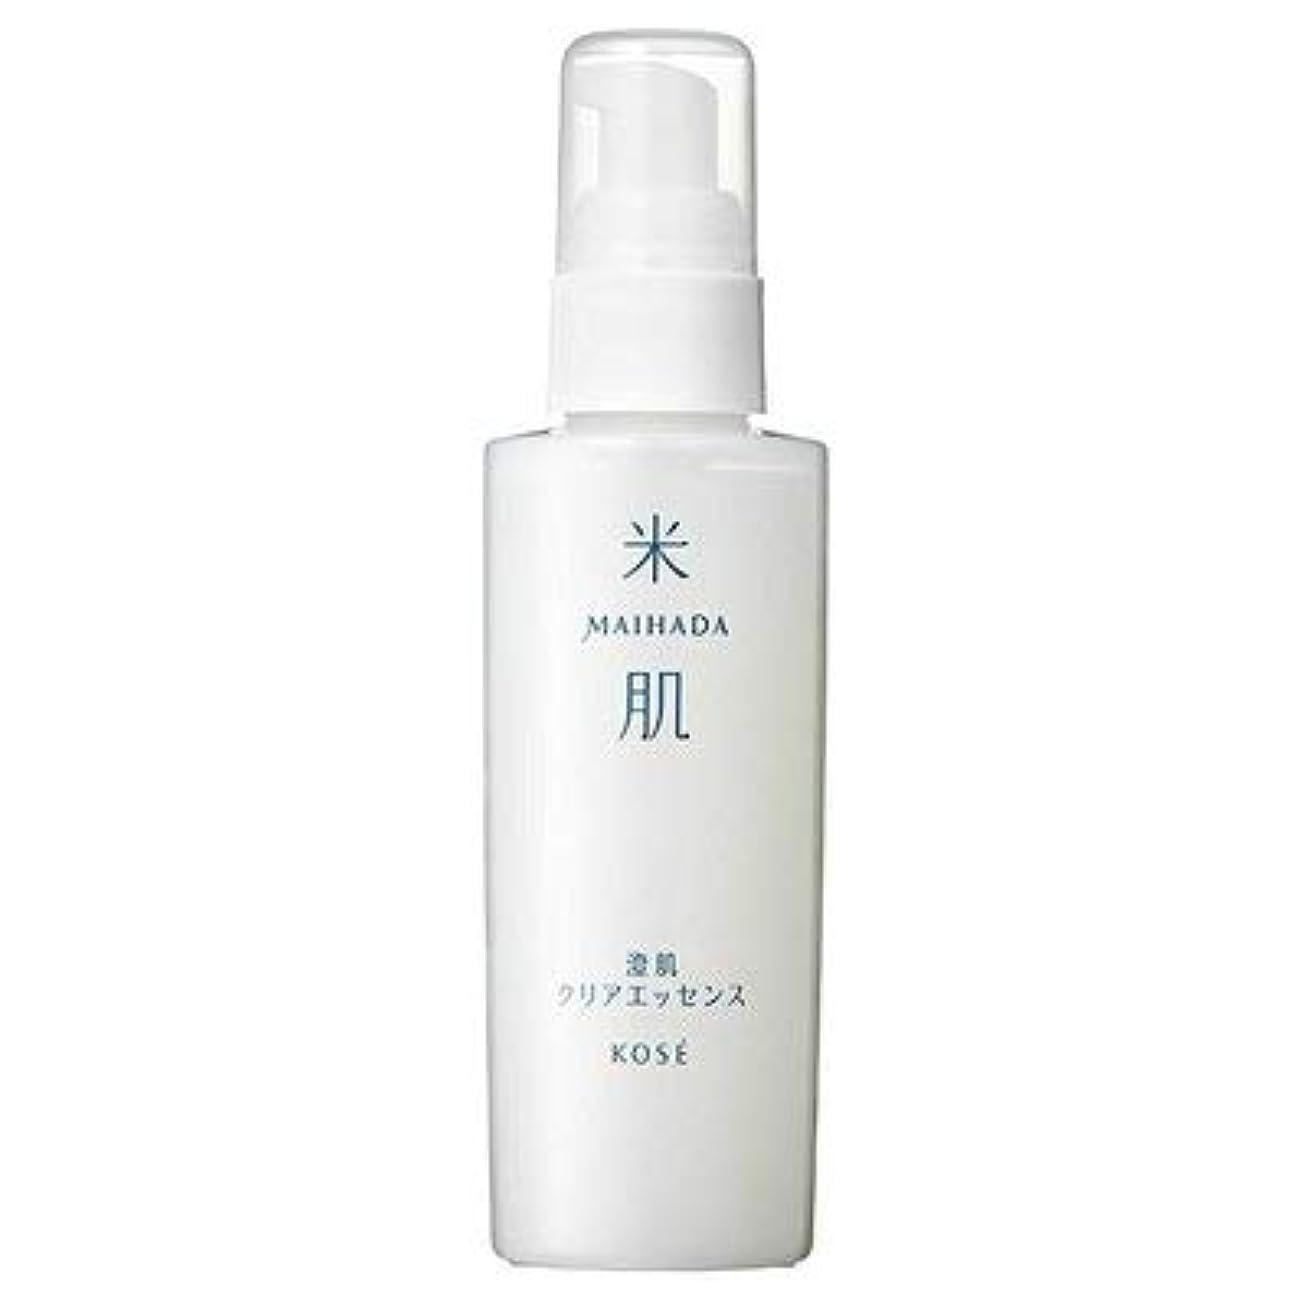 レース悩み学習者米肌 澄肌クリアエッセンス(本体/無香料) 美容液